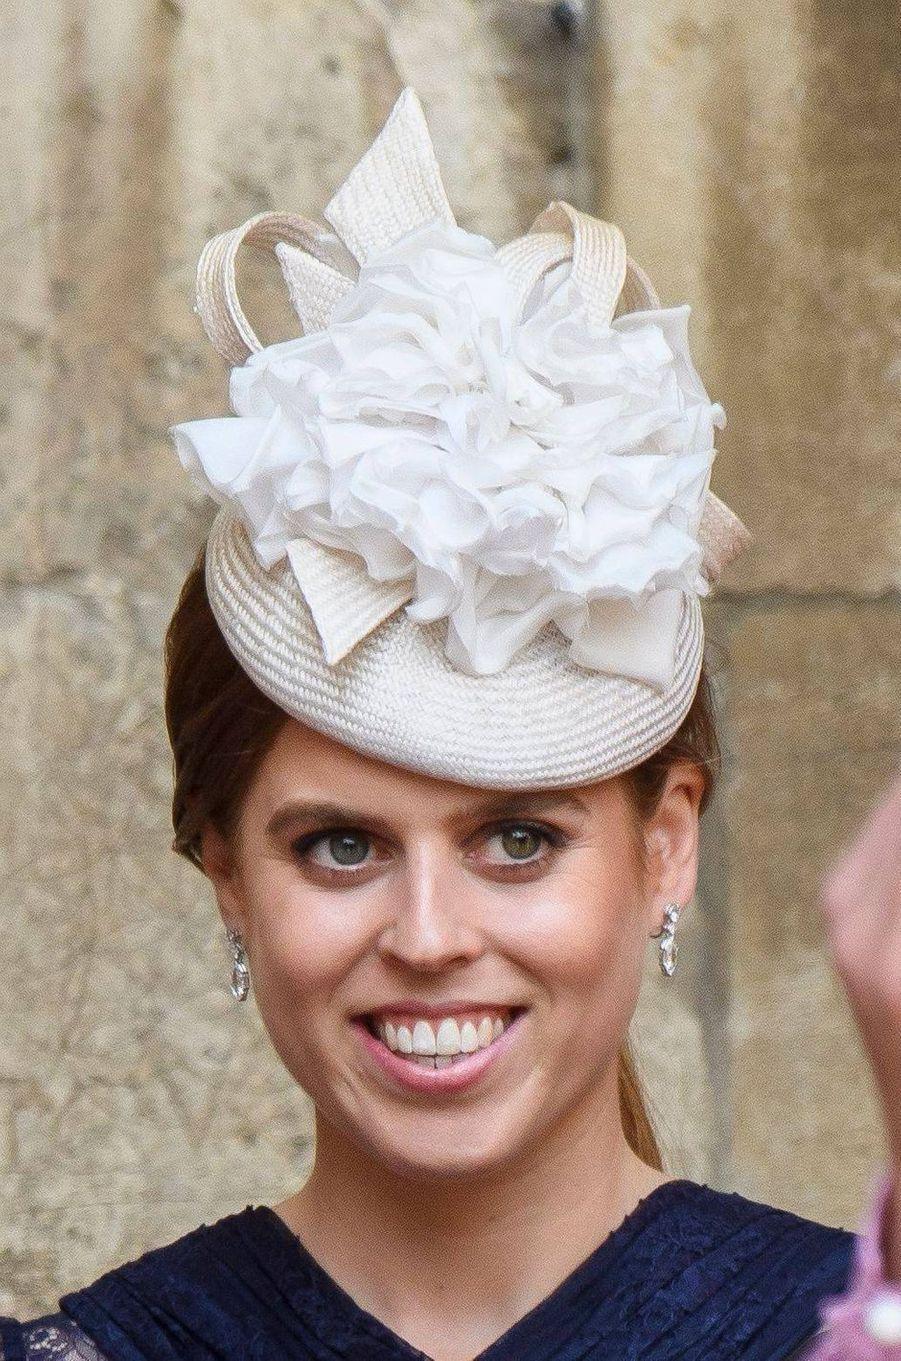 Le chapeau de la princesse Beatrice d'York à Windsor, le 18 mai 2019